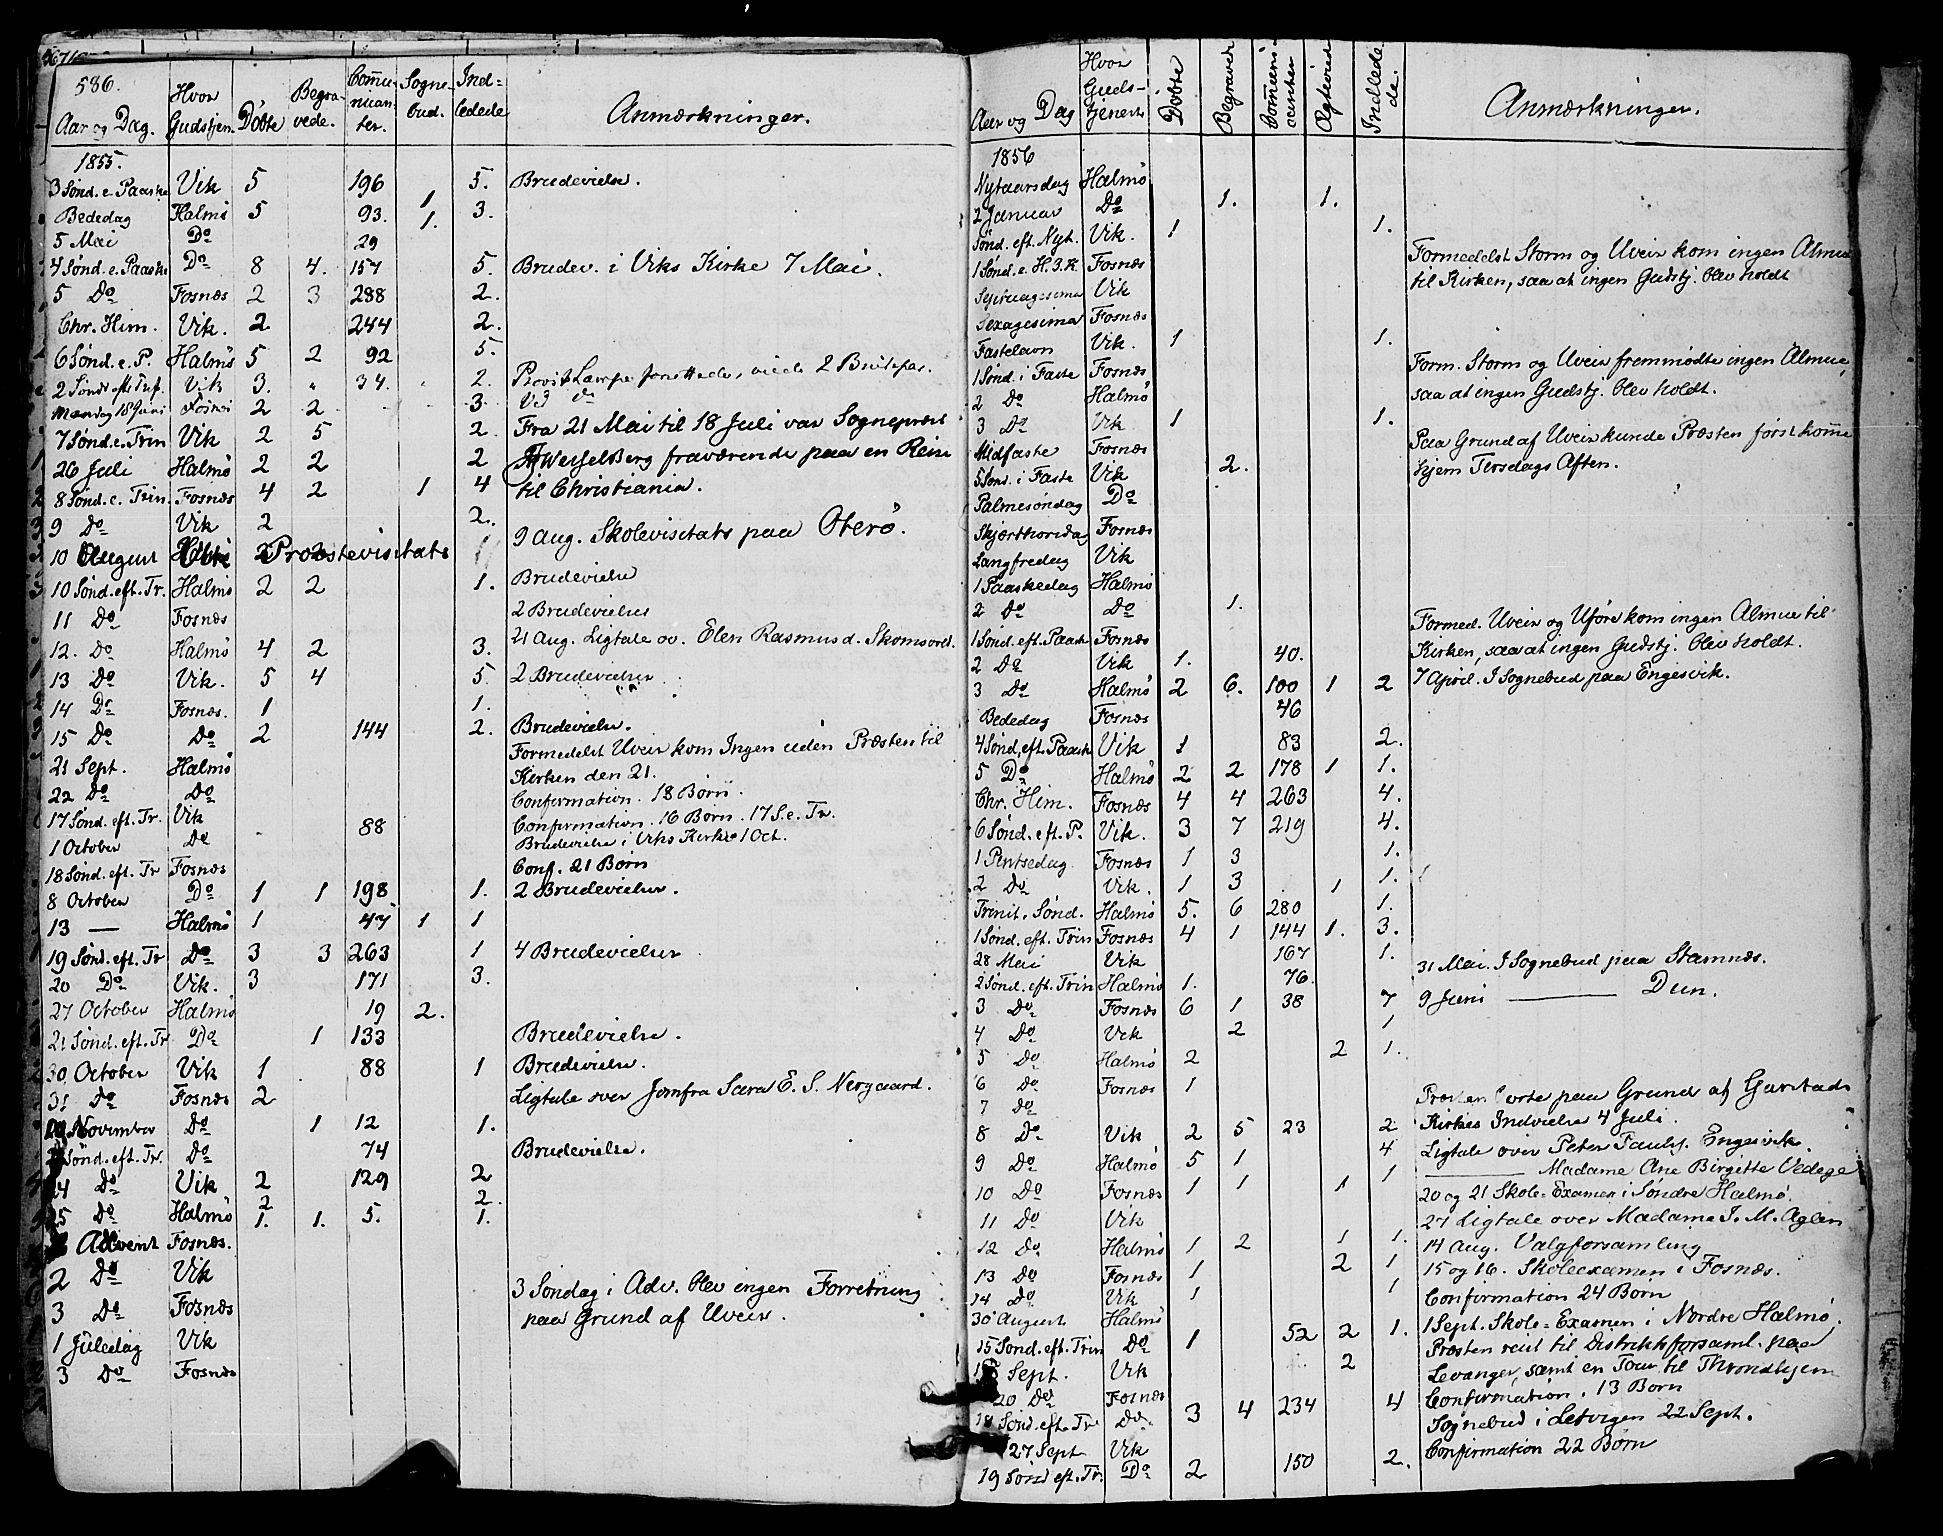 SAT, Ministerialprotokoller, klokkerbøker og fødselsregistre - Nord-Trøndelag, 773/L0614: Ministerialbok nr. 773A05, 1831-1856, s. 586